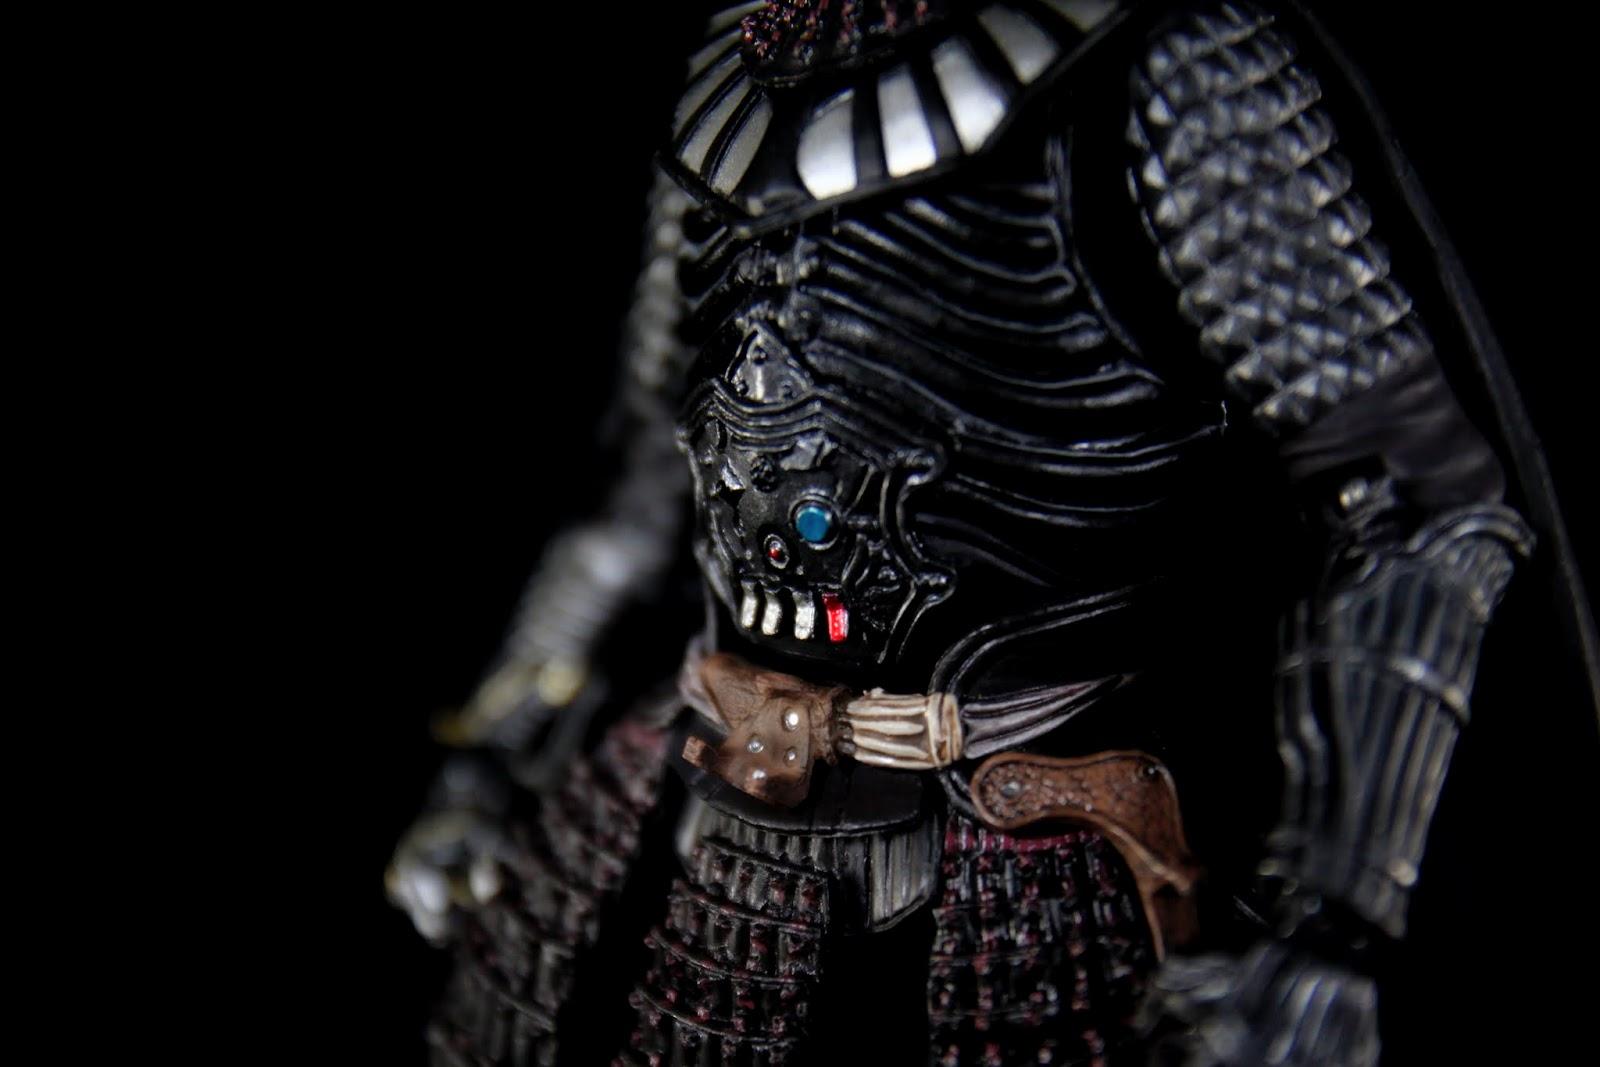 腹部原本黑武士的儀器跟甲冑融合得真好